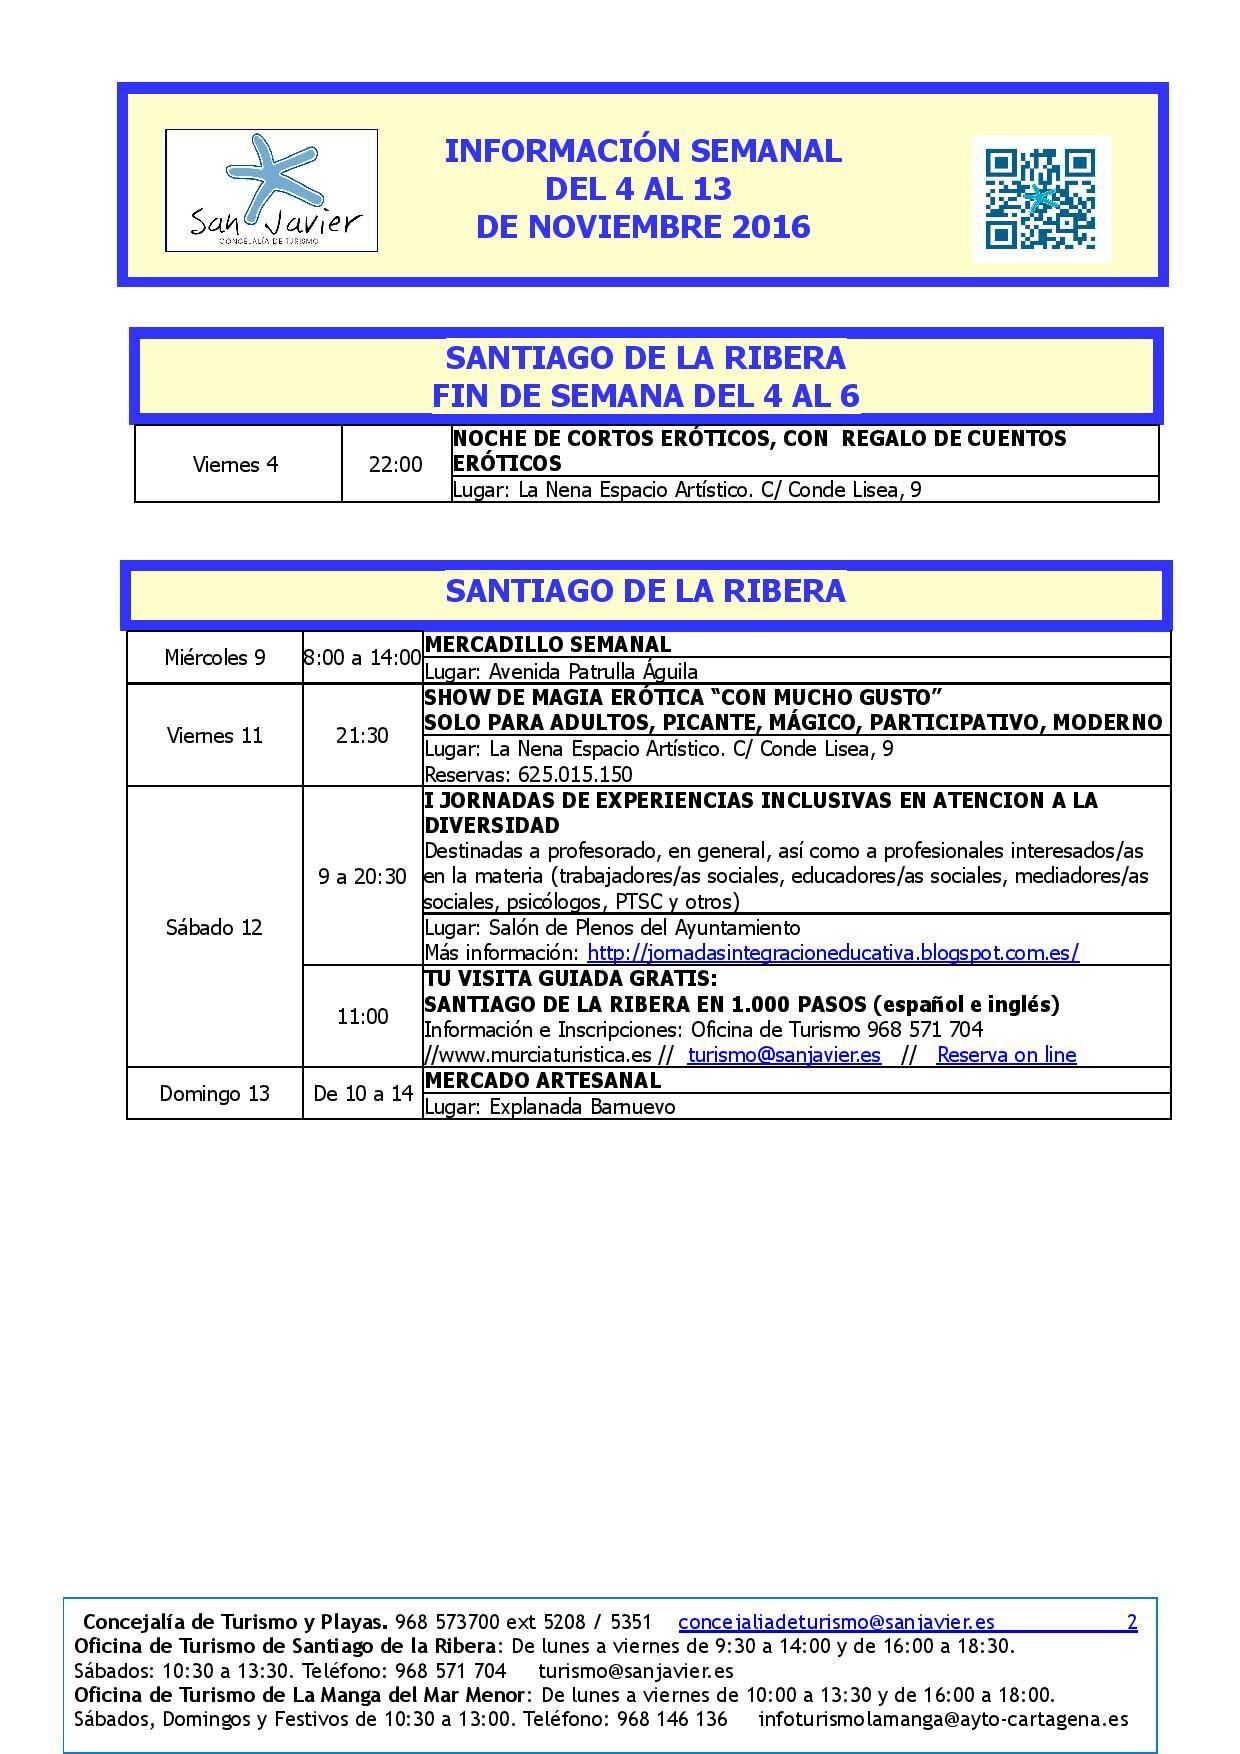 del-4-al-13-noviembre-page-005